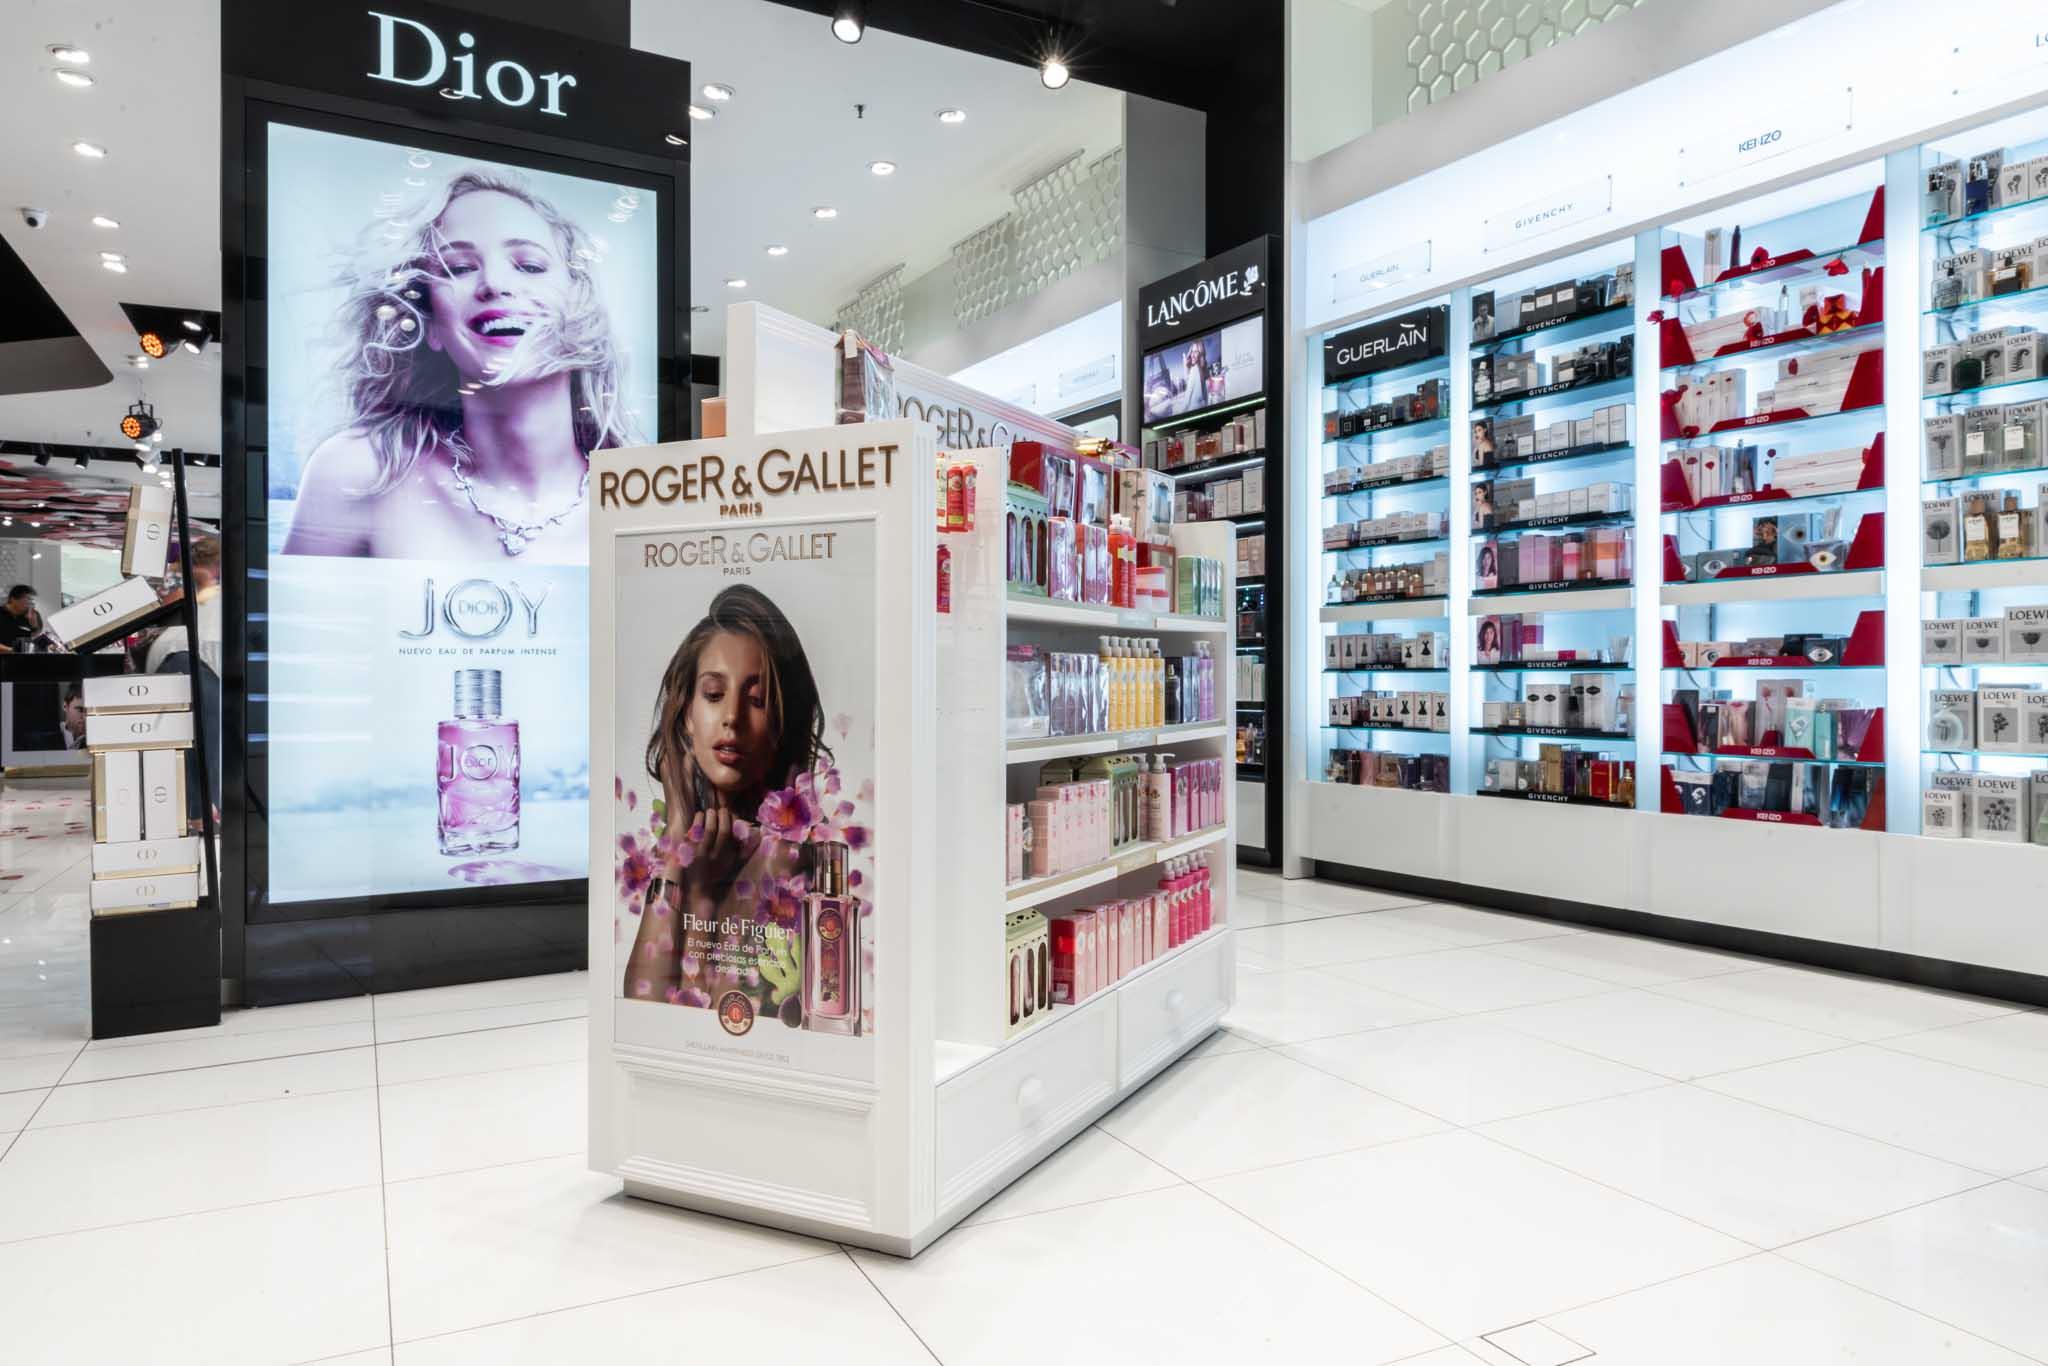 Columna Dior detrás y góndola Roger & Gallet